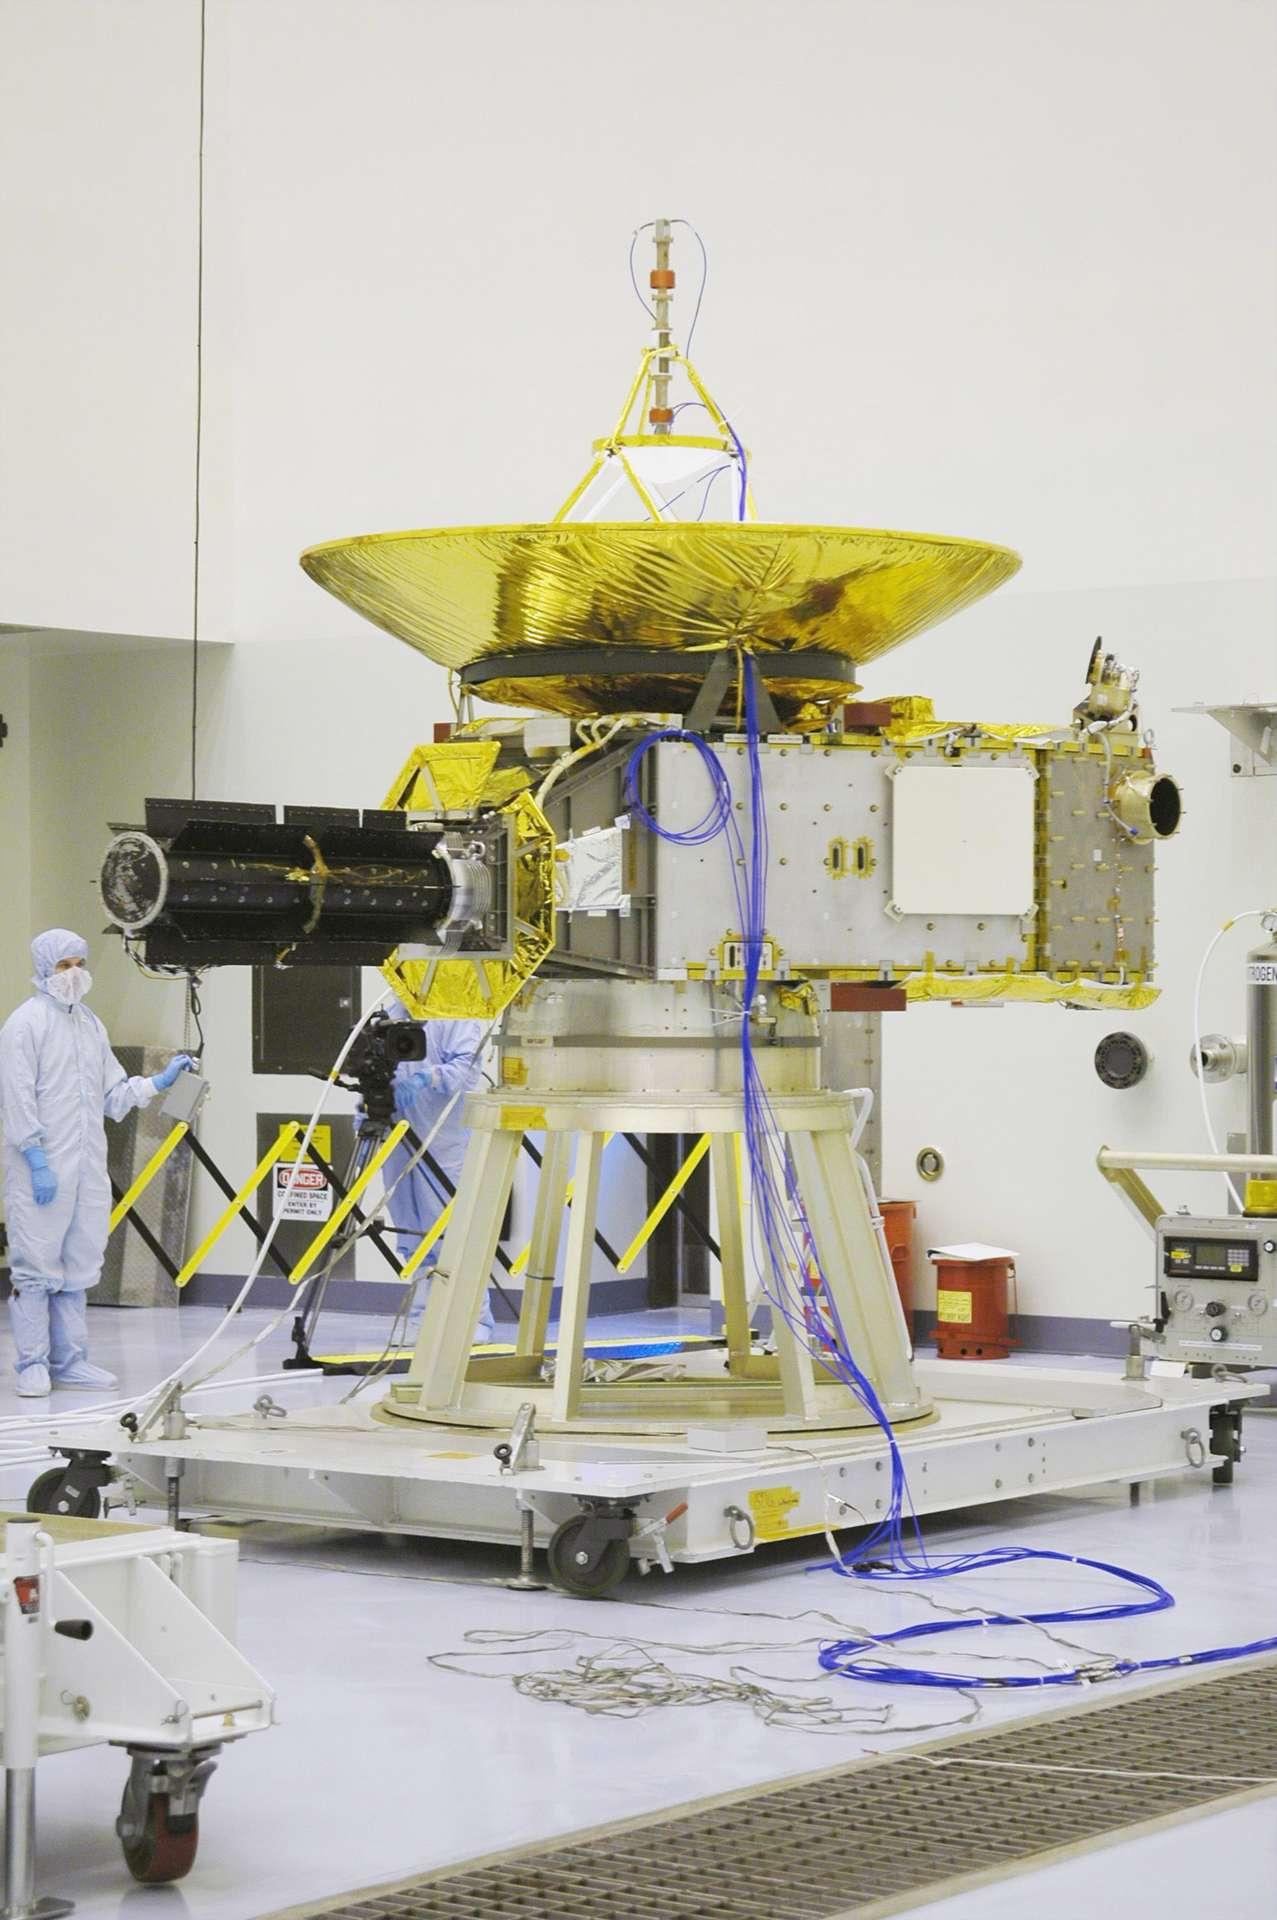 La sonde New Horizon embarque sept instruments. En raison de l'éloignement de Pluton, la lumière solaire est trop faible pour fournir l'énergie nécessaire à l'engin. Donc, pas de panneaux solaires mais un générateur à isotopes radioactifs (RTG, le tube noir sur l'image) capable de fournir suffisamment d'énergie pendant plusieurs décennies. © Nasa